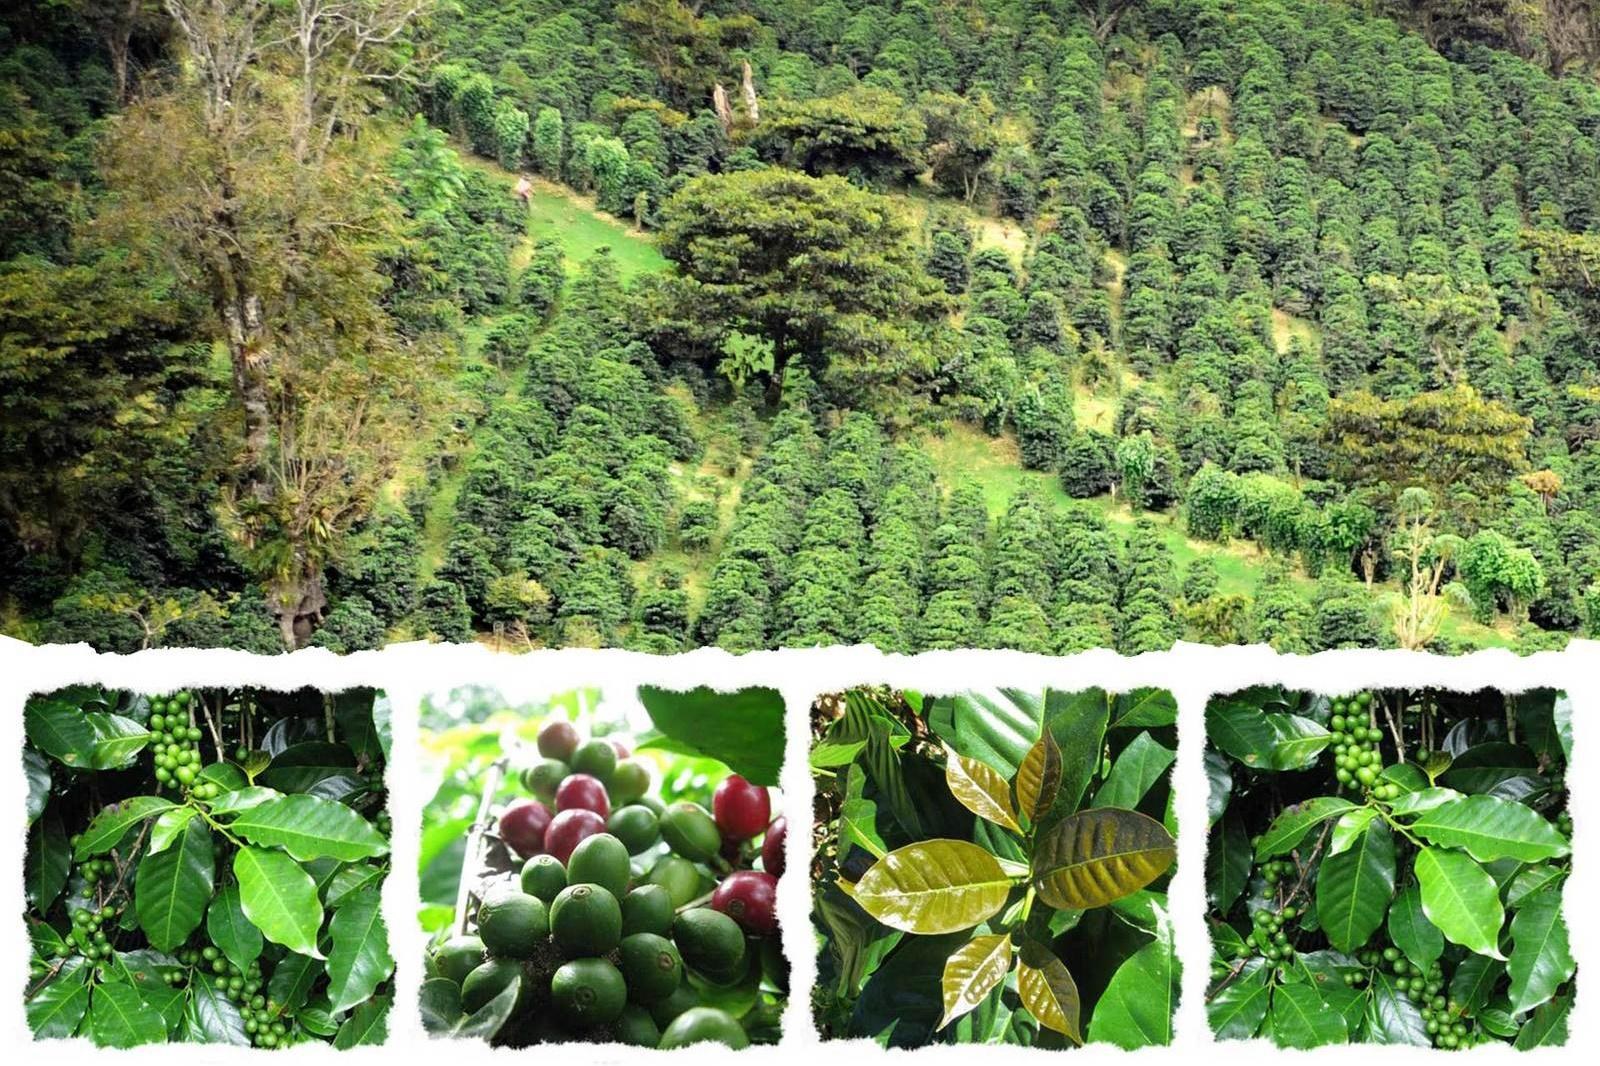 فیلم | مسیری که دانه قهوه از مزرعه تا فنجان طی میکند